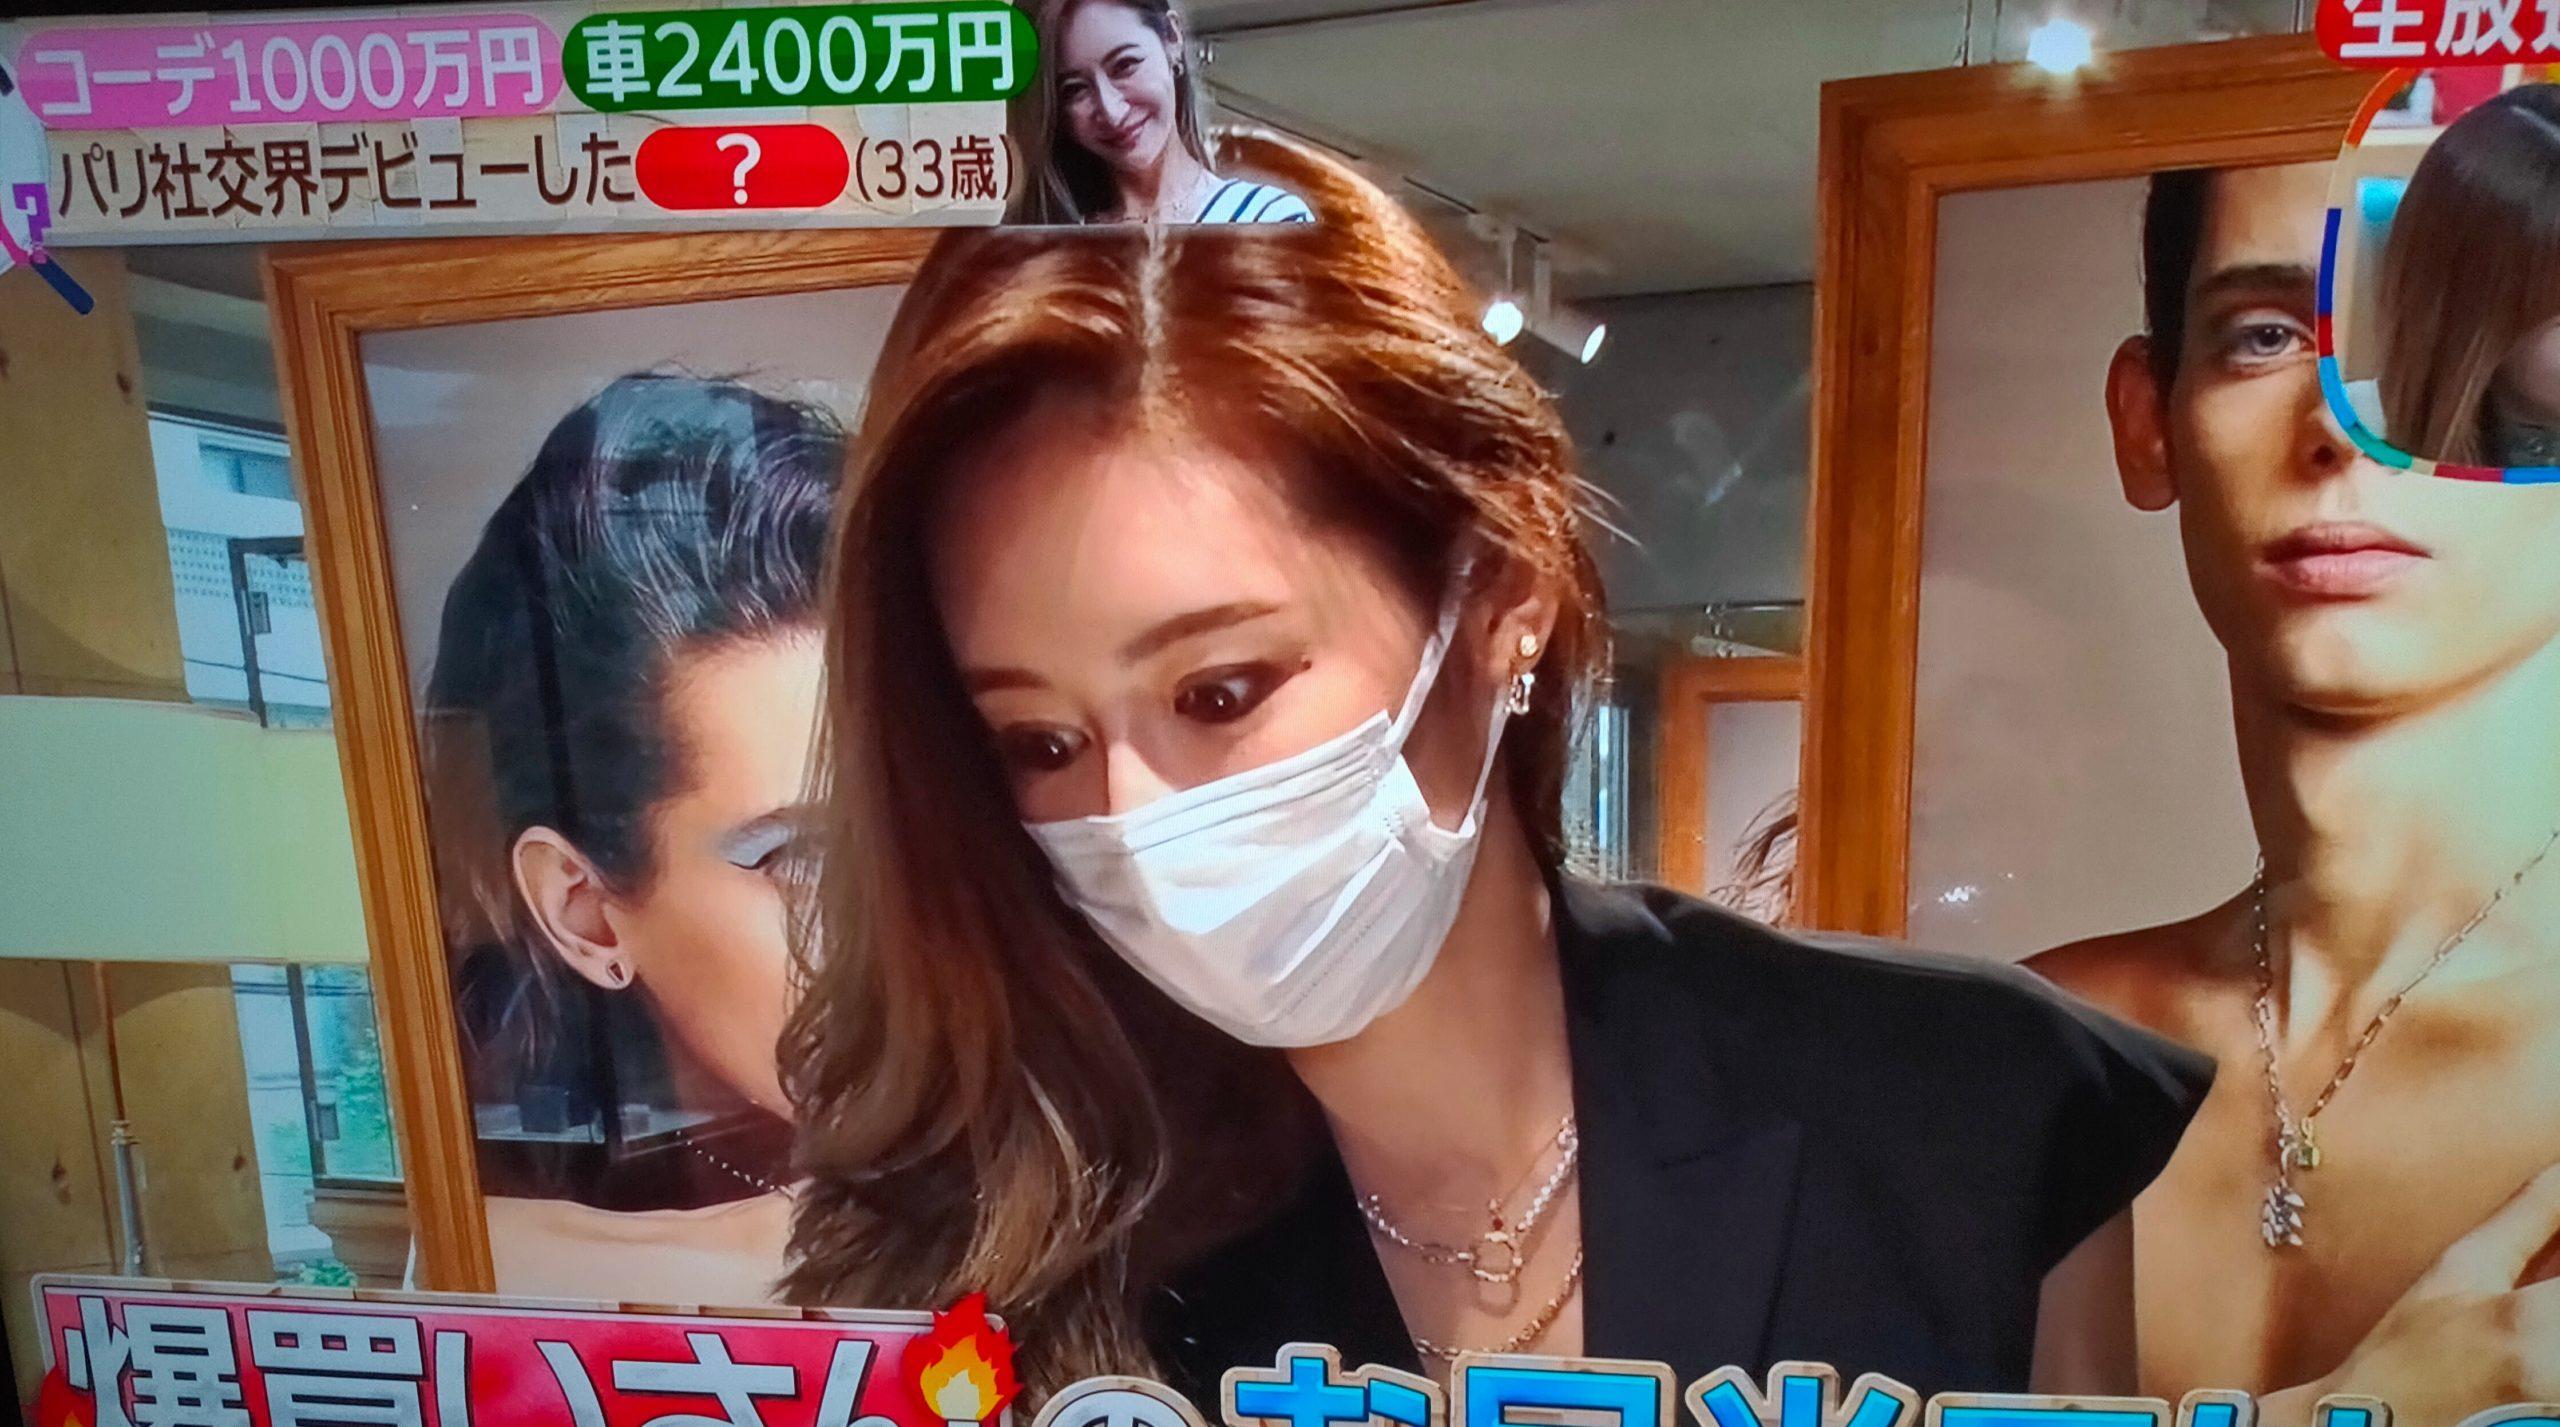 宮崎麗香(シングルマザー)が美人!離婚した旦那や実家や年収は?wiki経歴!【ゼロイチ】